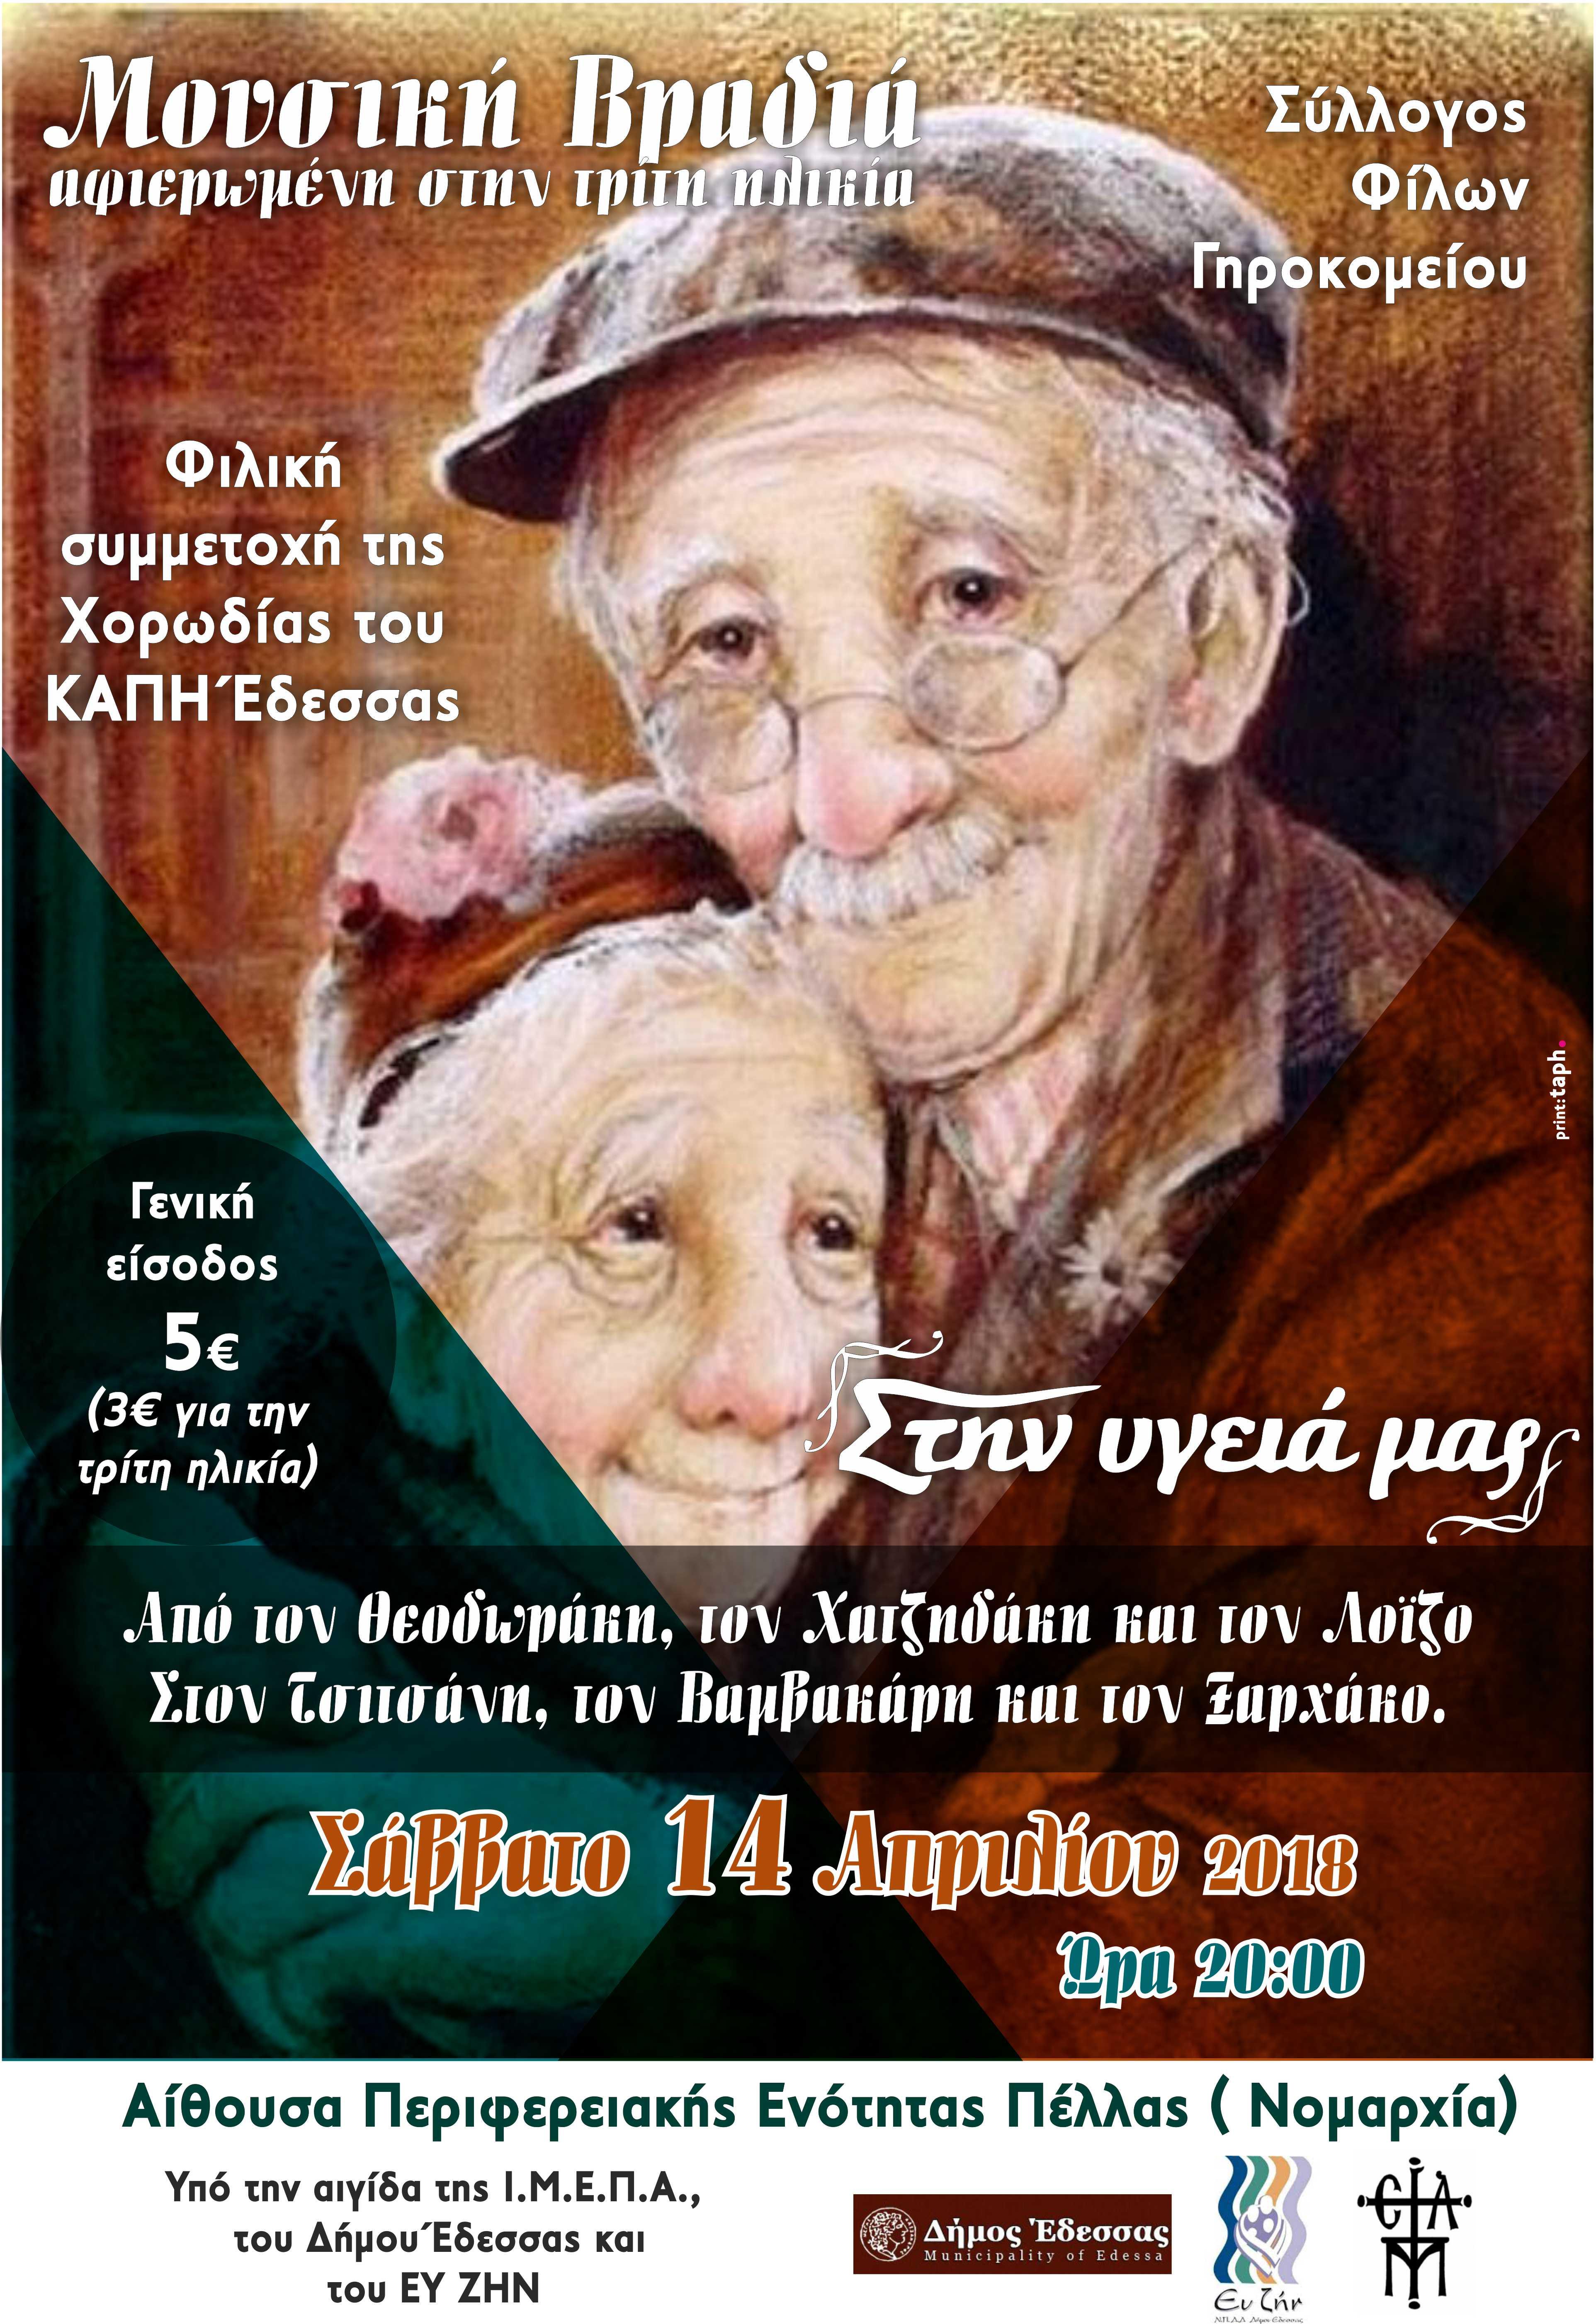 Συναυλία αγάπης   αλληλεγγύης προς το Γηροκομείο μας - Edessa News 85297575031